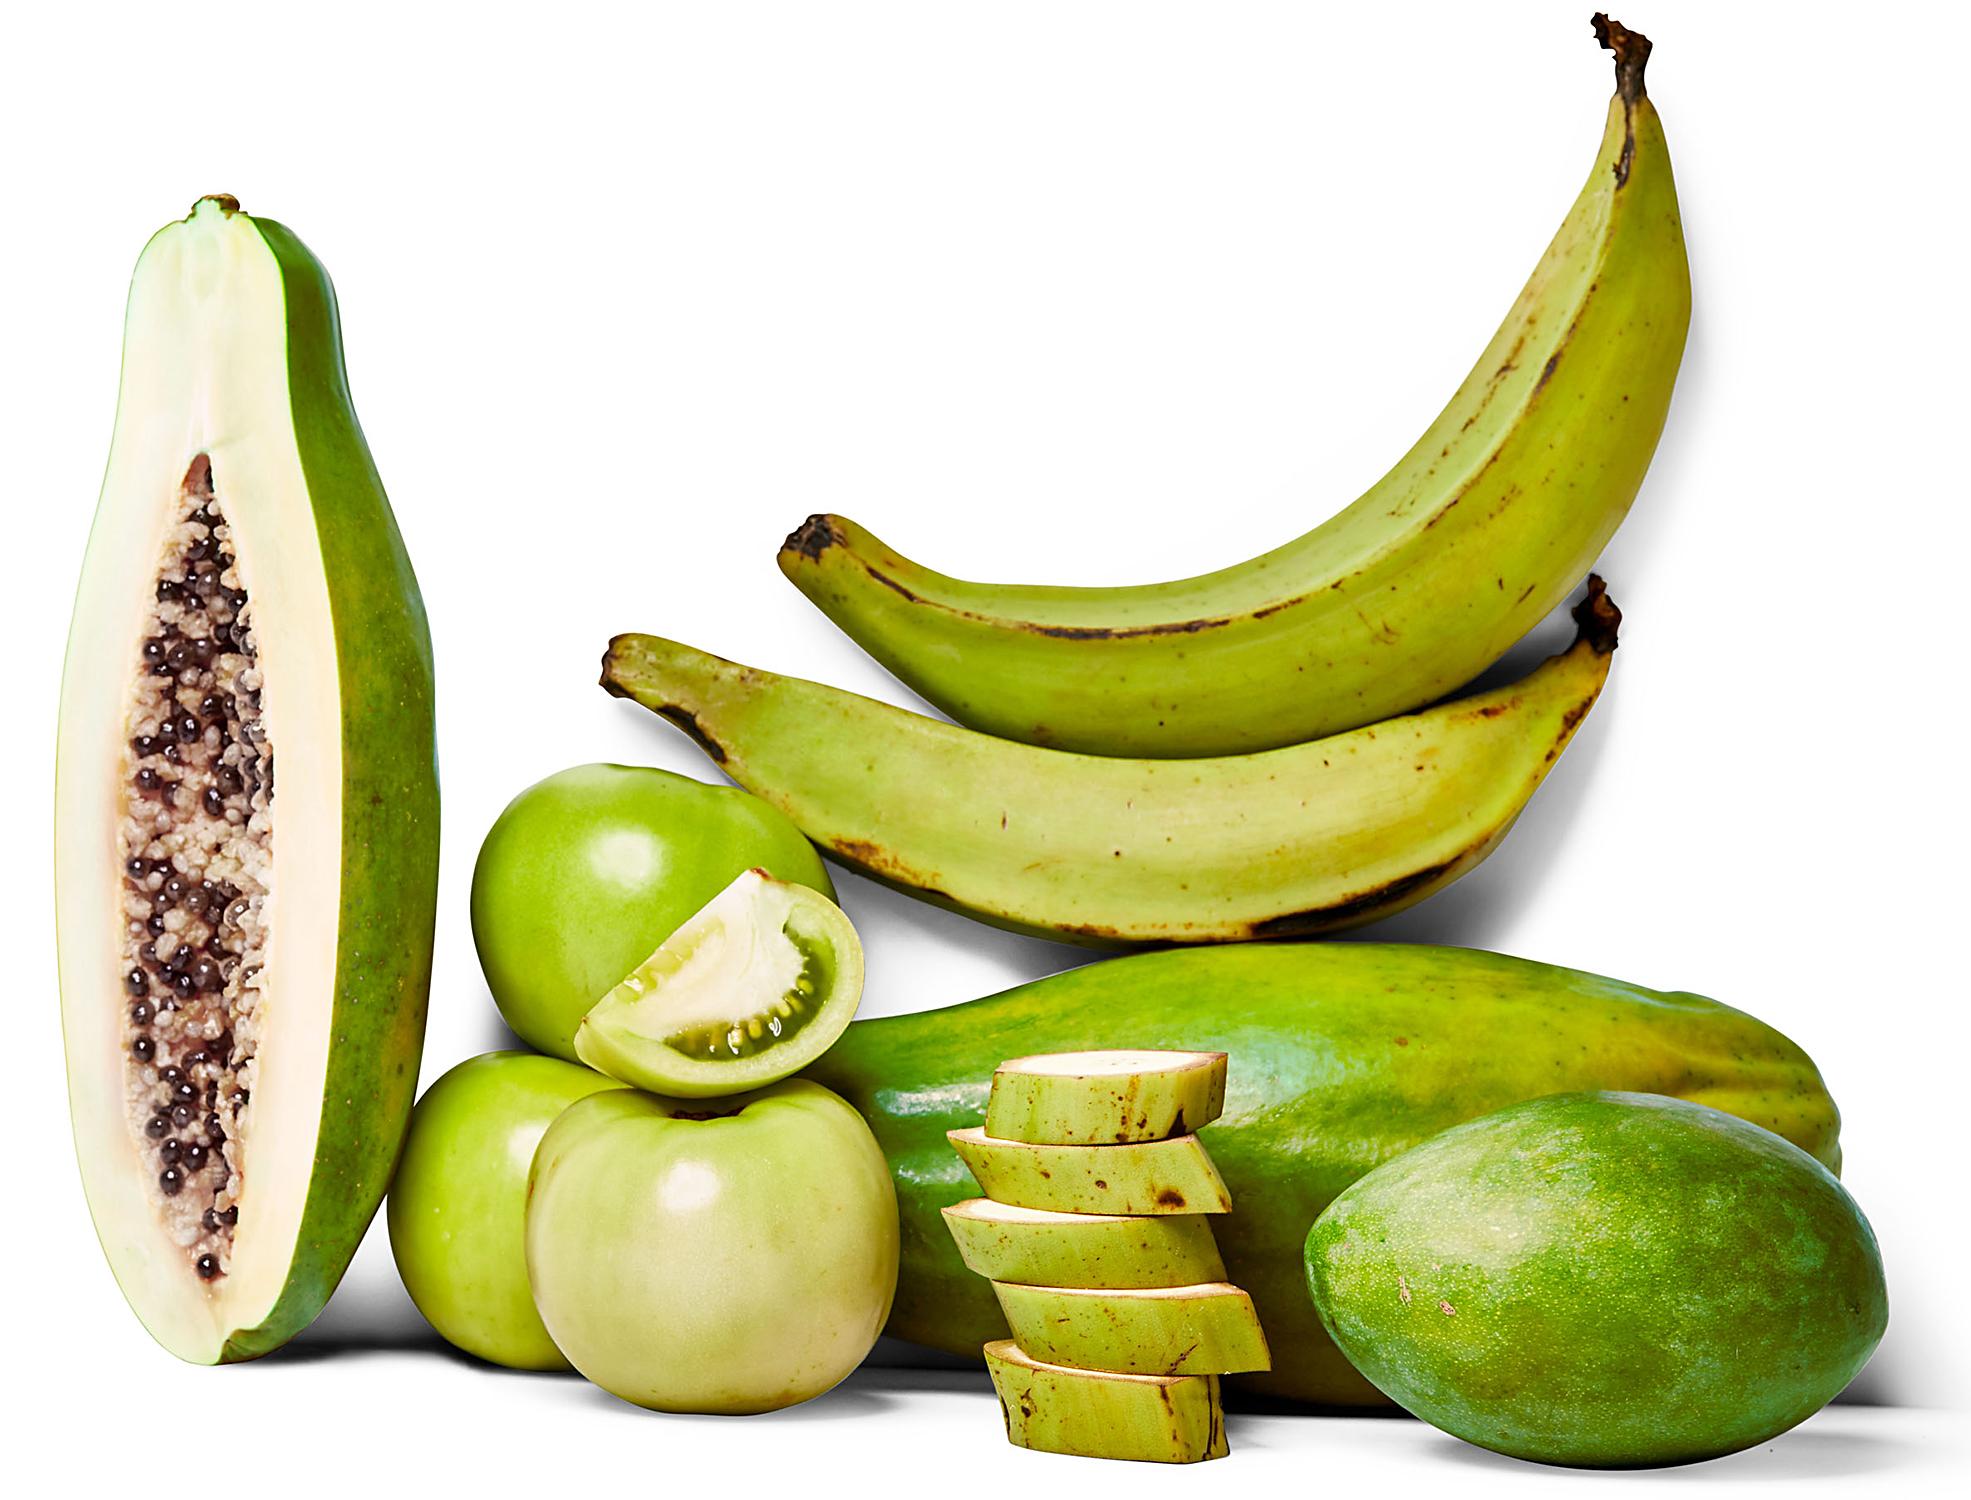 green-halved-papaya-tomatoes-plantains-mangoes-cff3286b